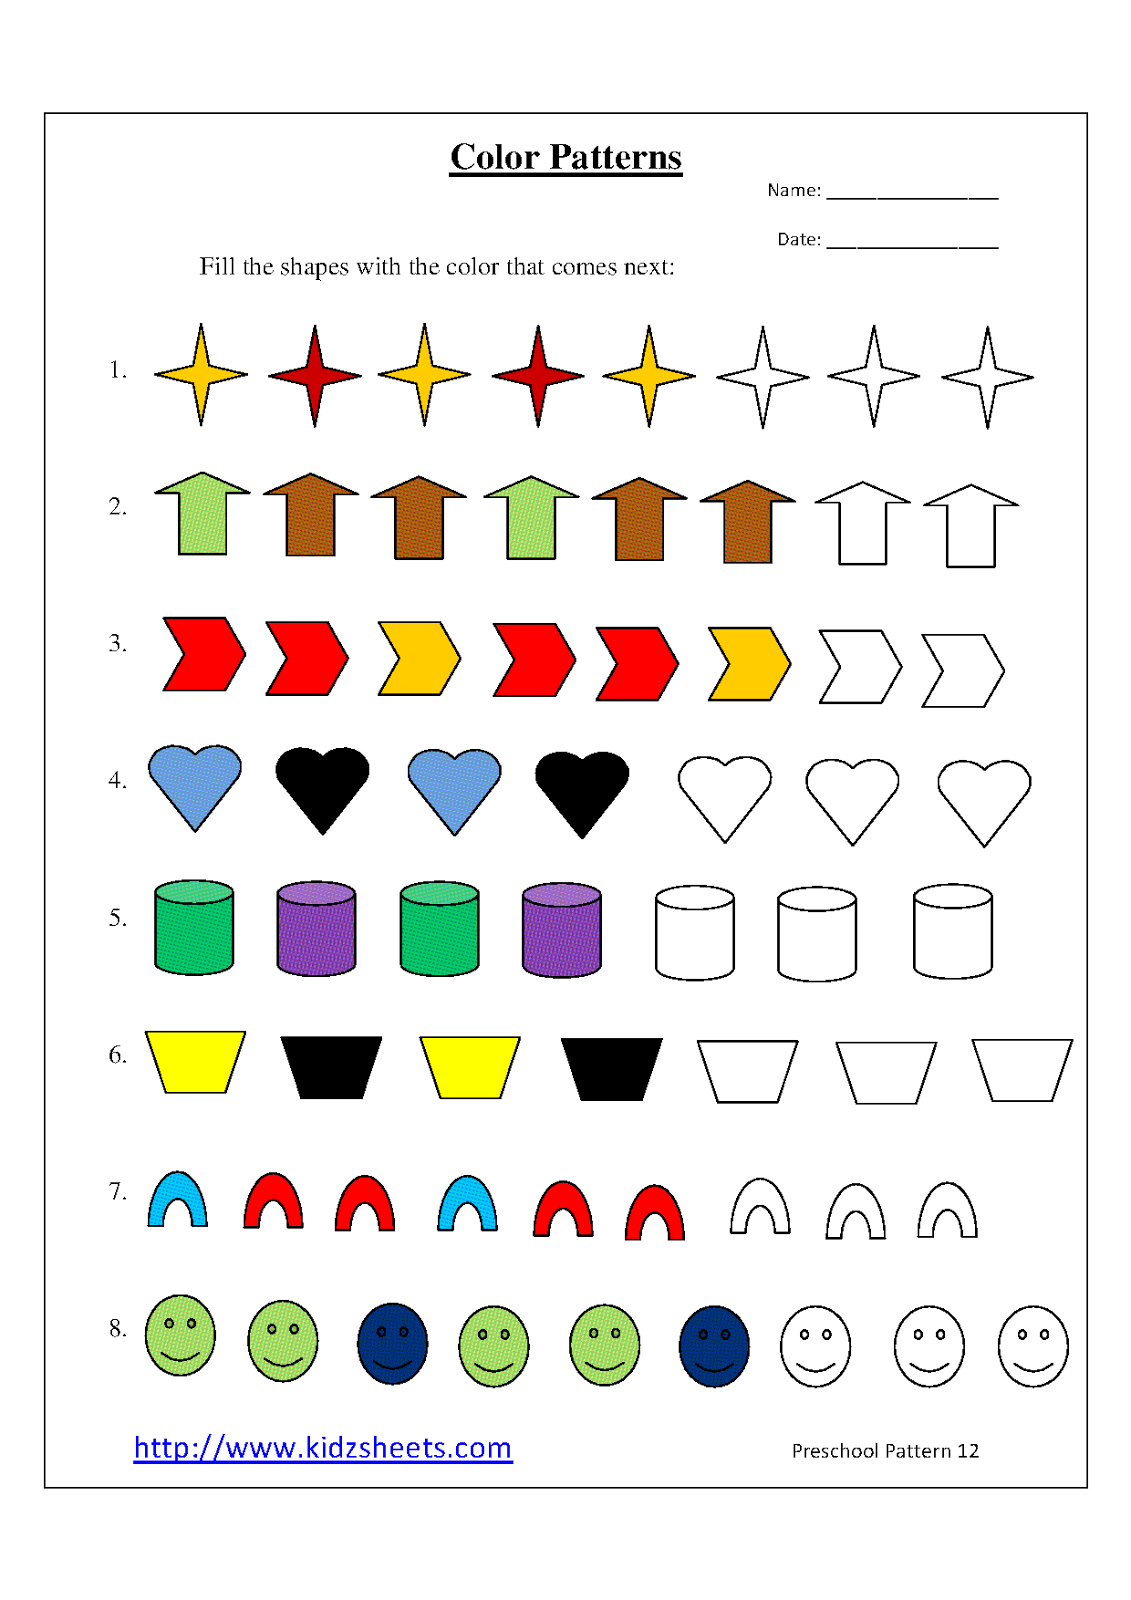 Kidz Worksheets  Preschool Color Patterns Worksheet12